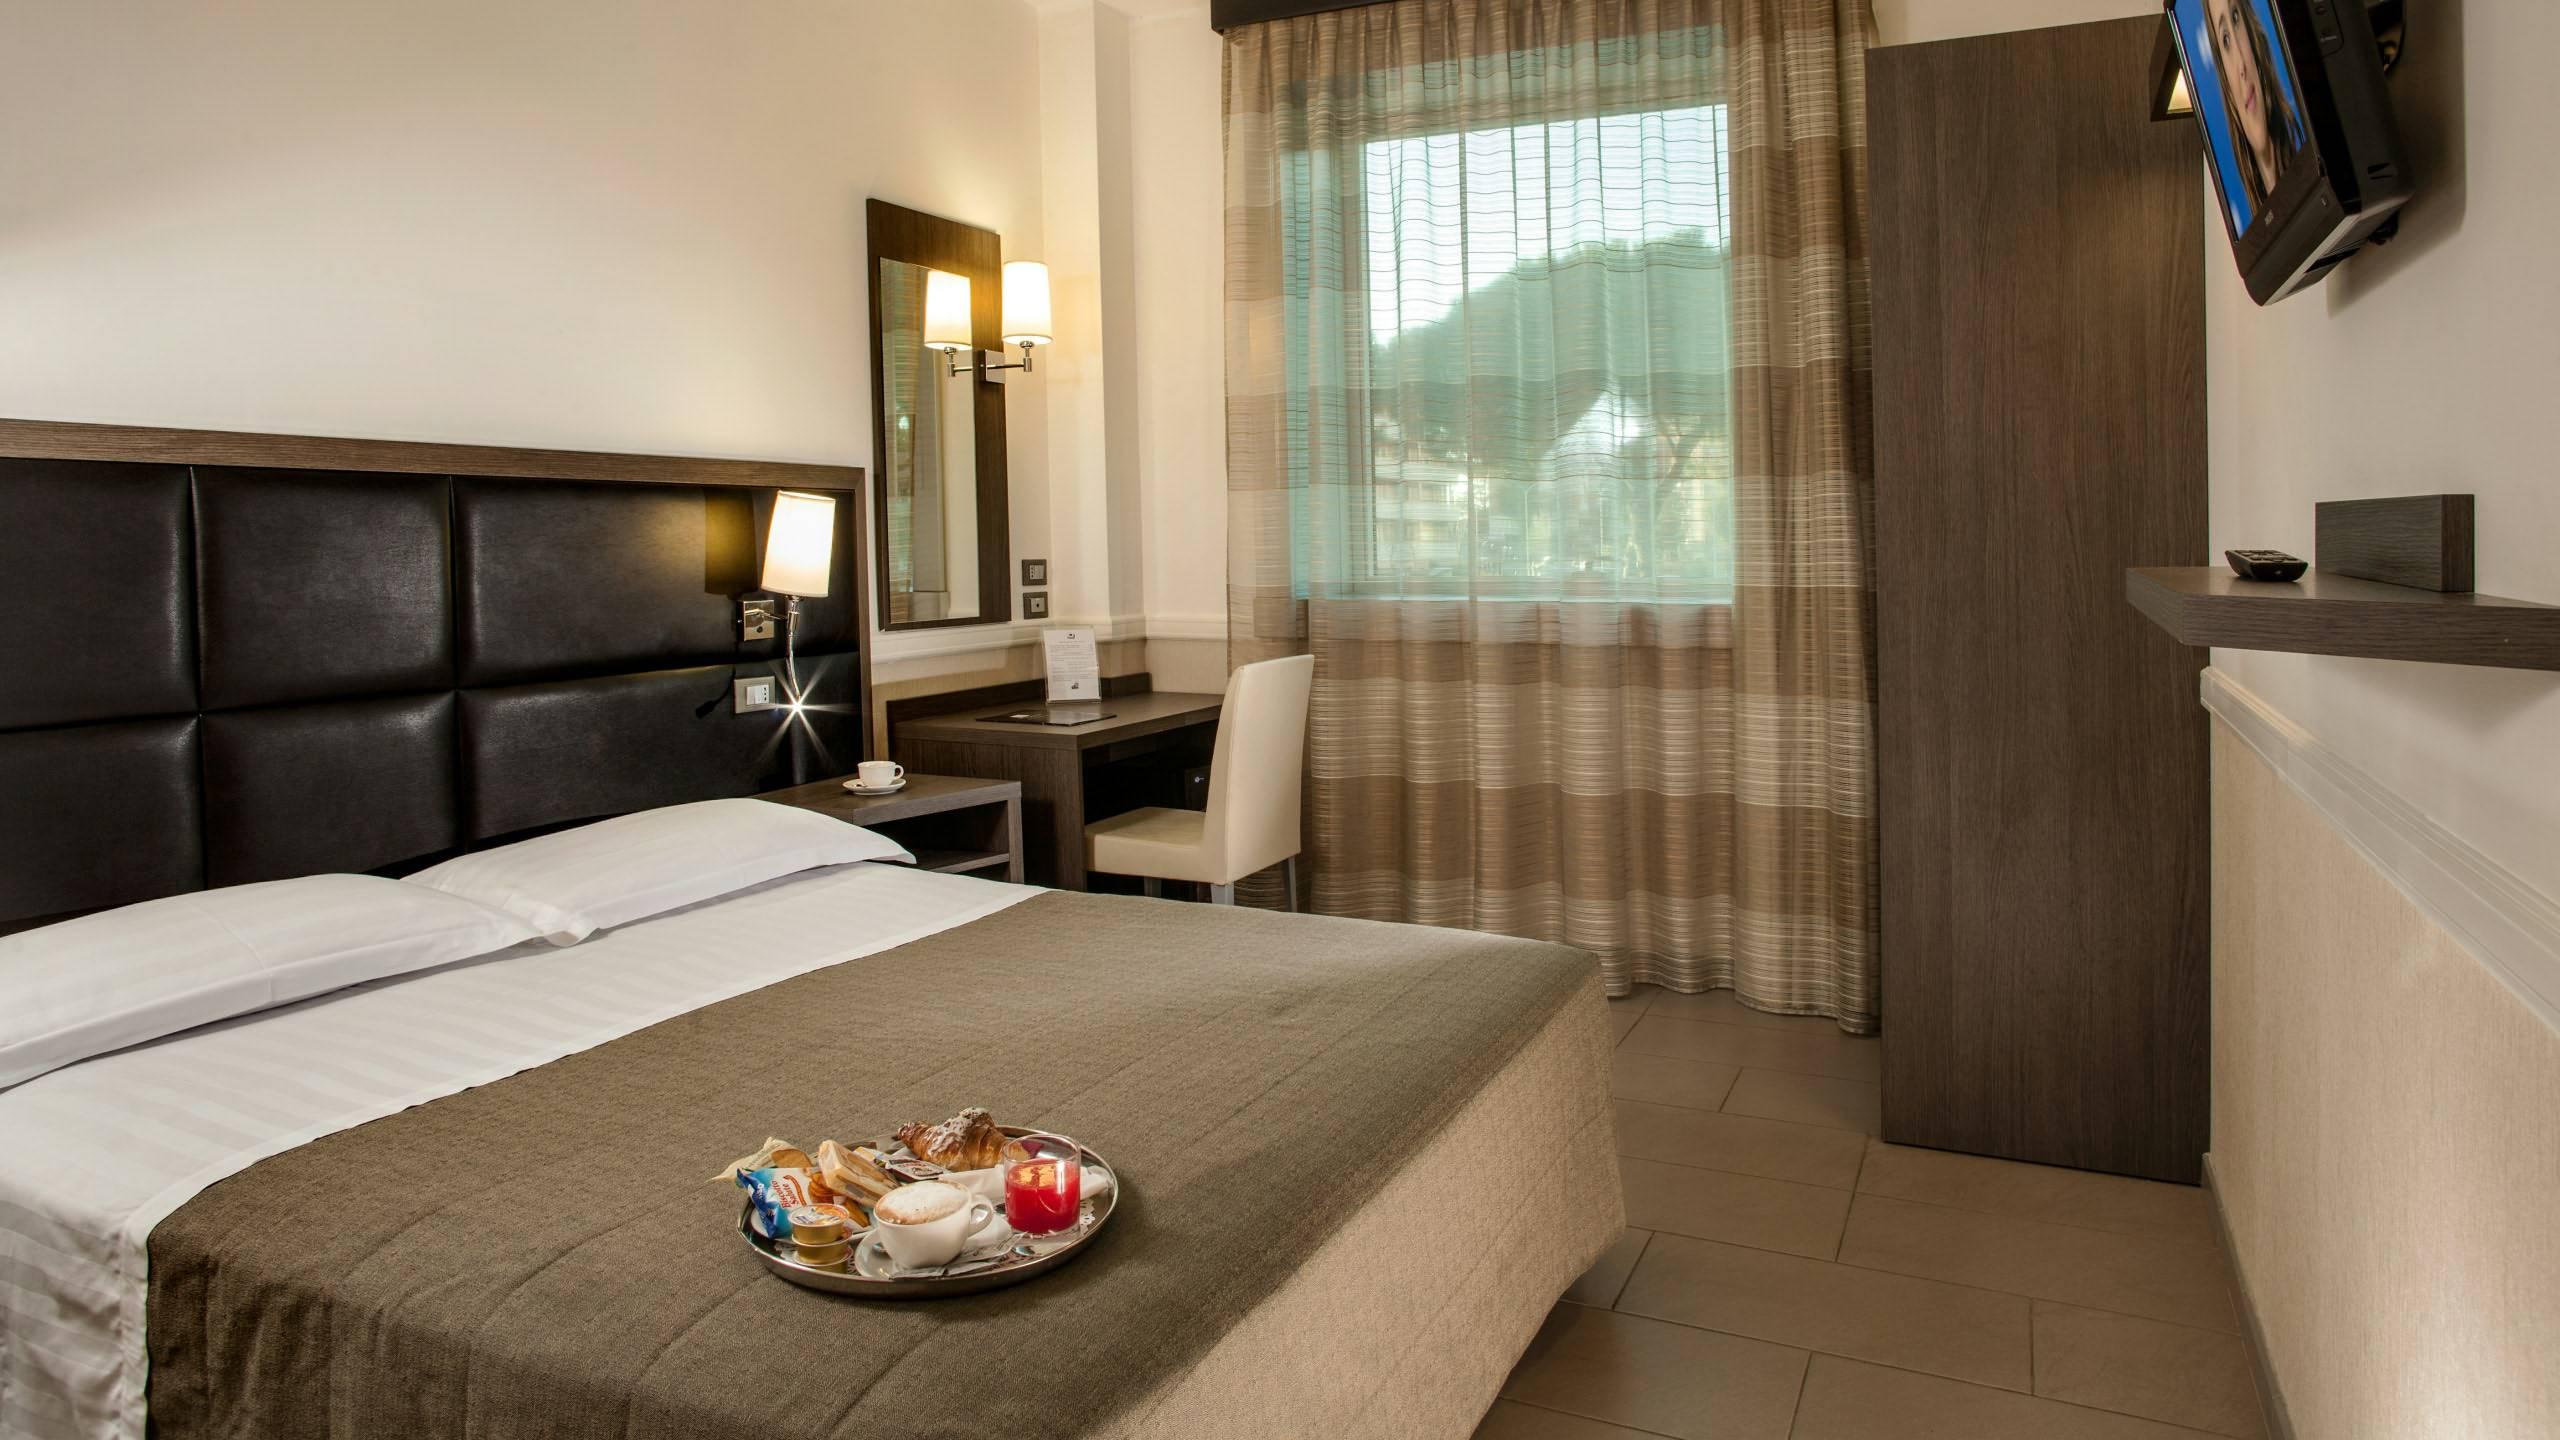 hotel-artis-rome-rooms-04